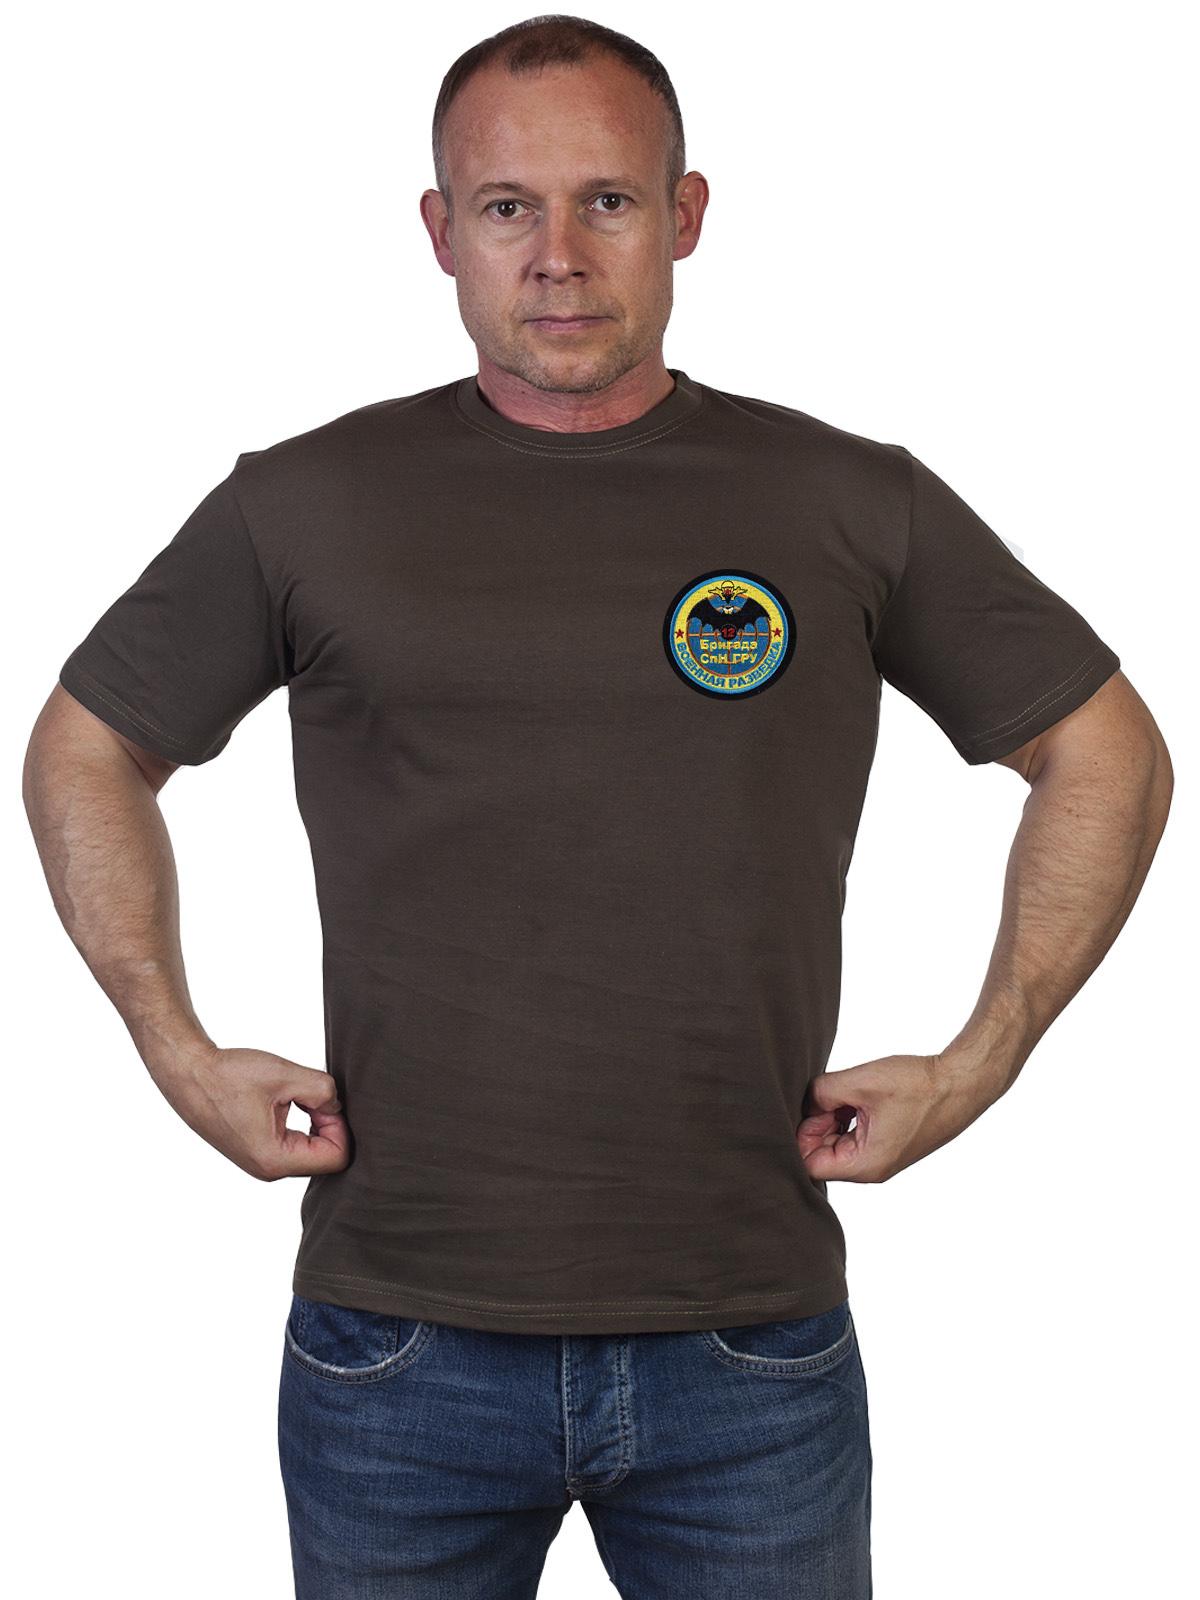 Купить в интернет магазине мужскую футболку 12 ОБрСпН